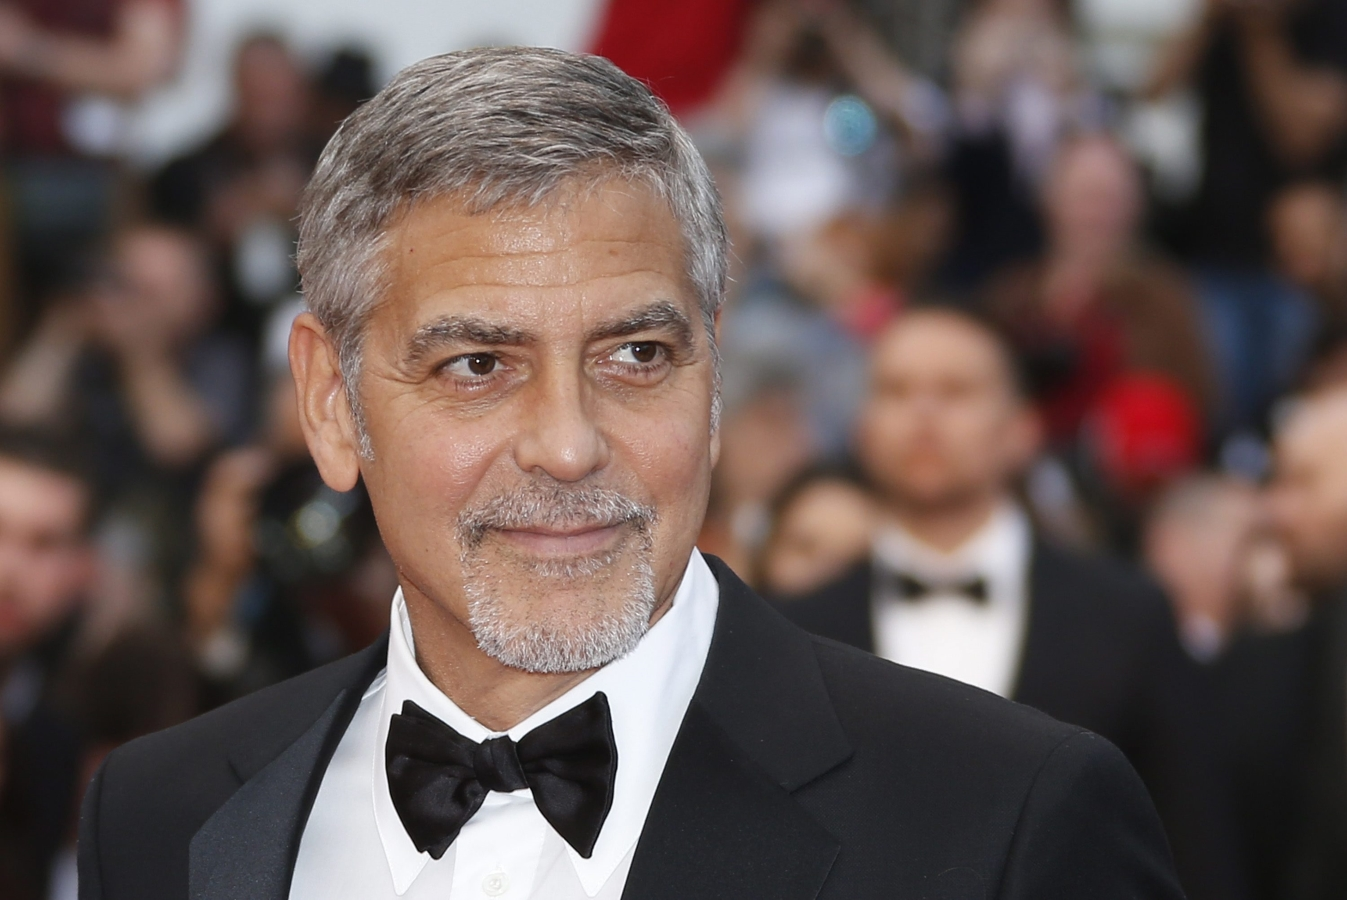 Най-красивата знаменитост е Джордж Клуни